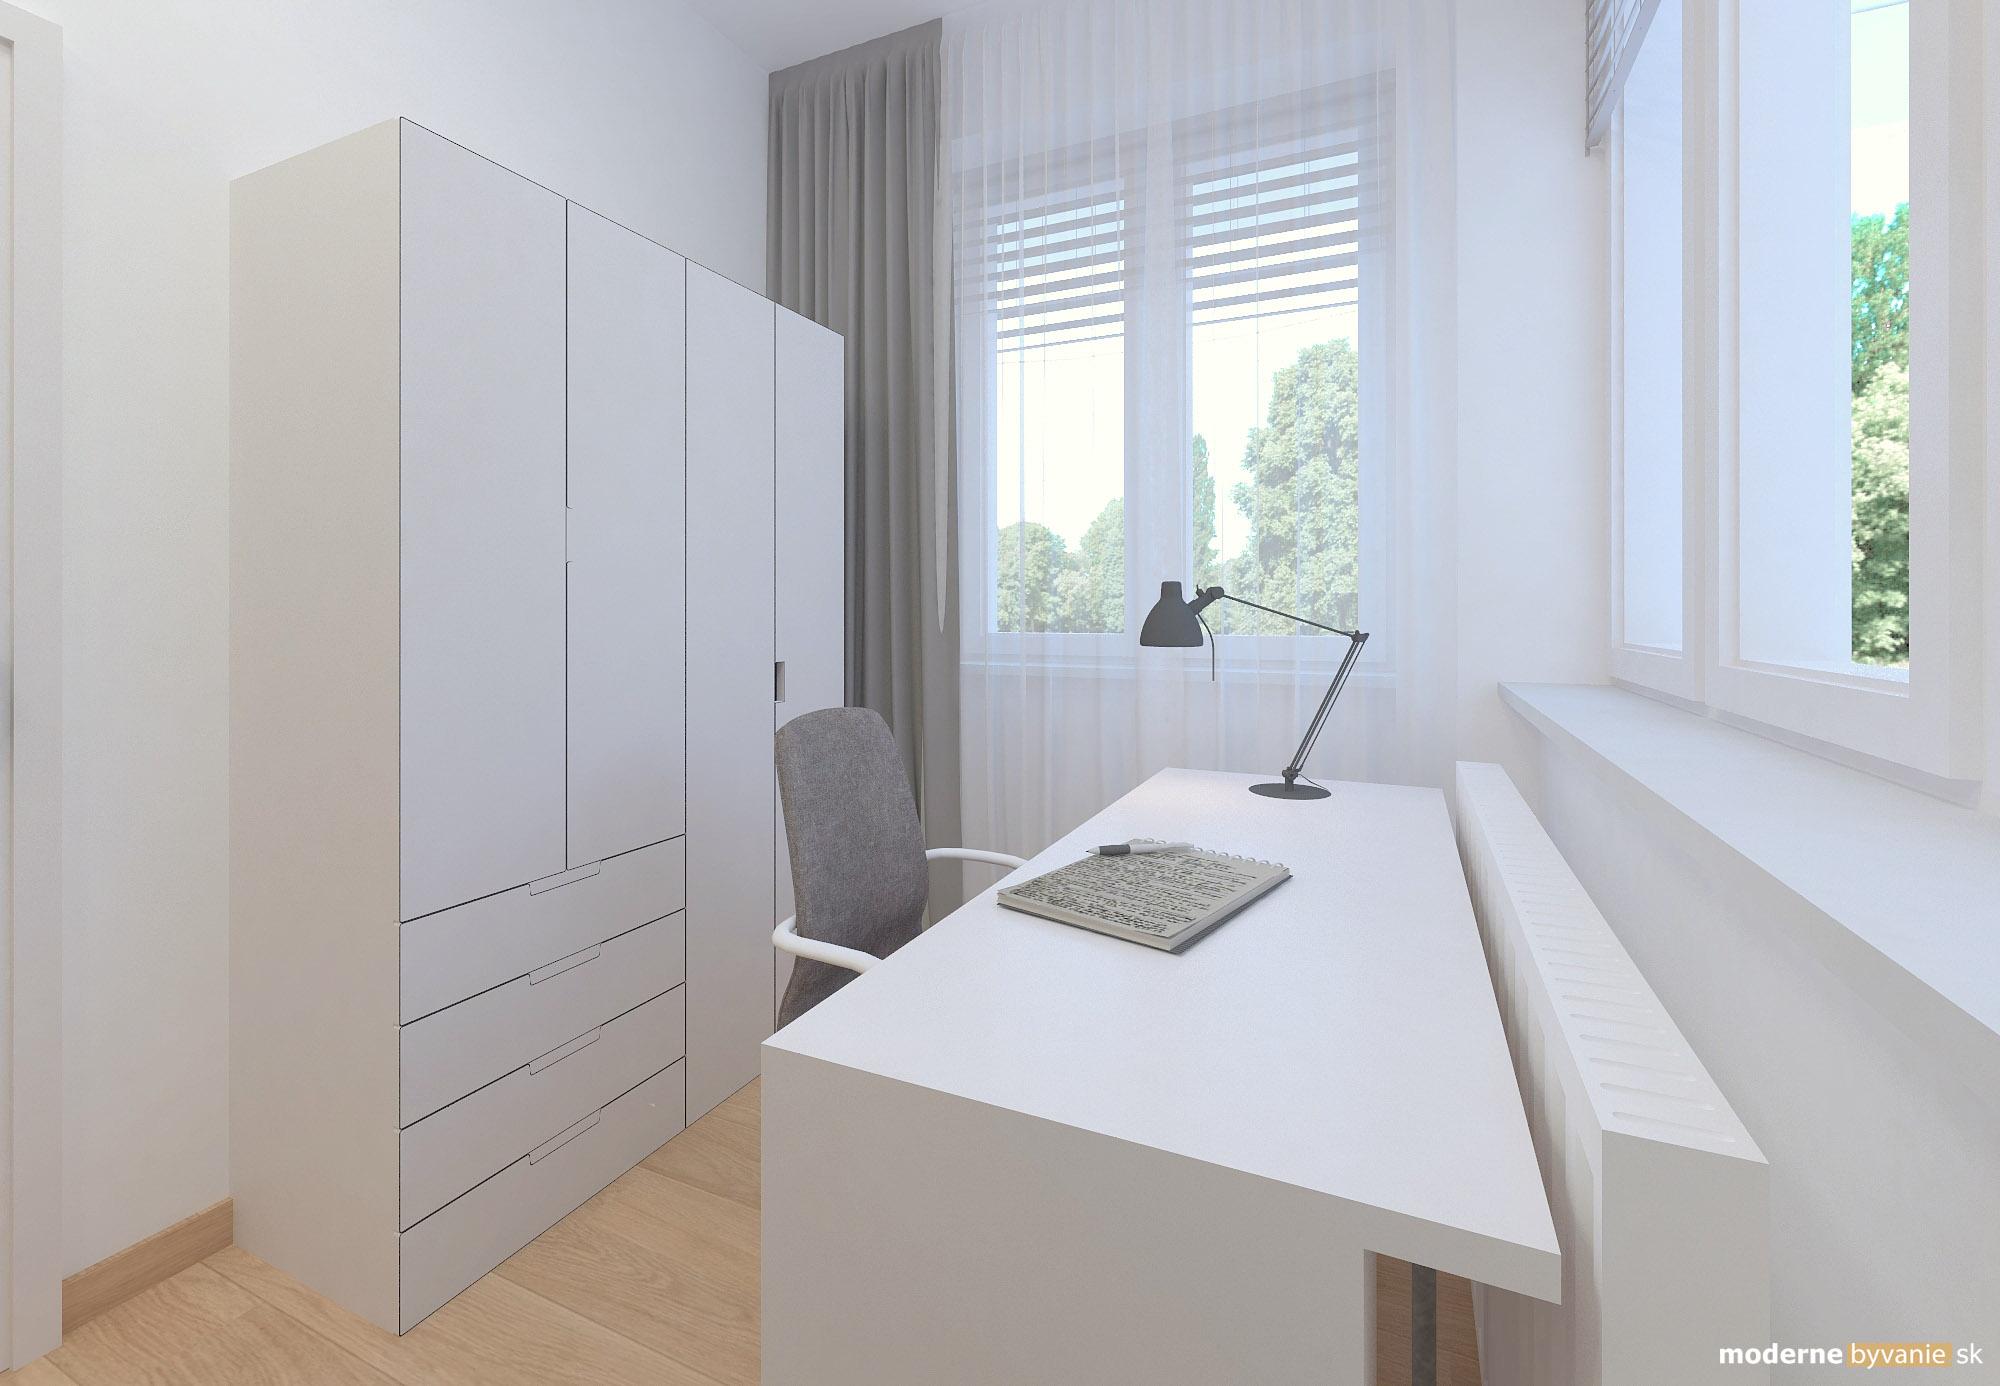 Návrh interiéru - pracovňa - Bytový dizajn malého bytu s veľkou izbou